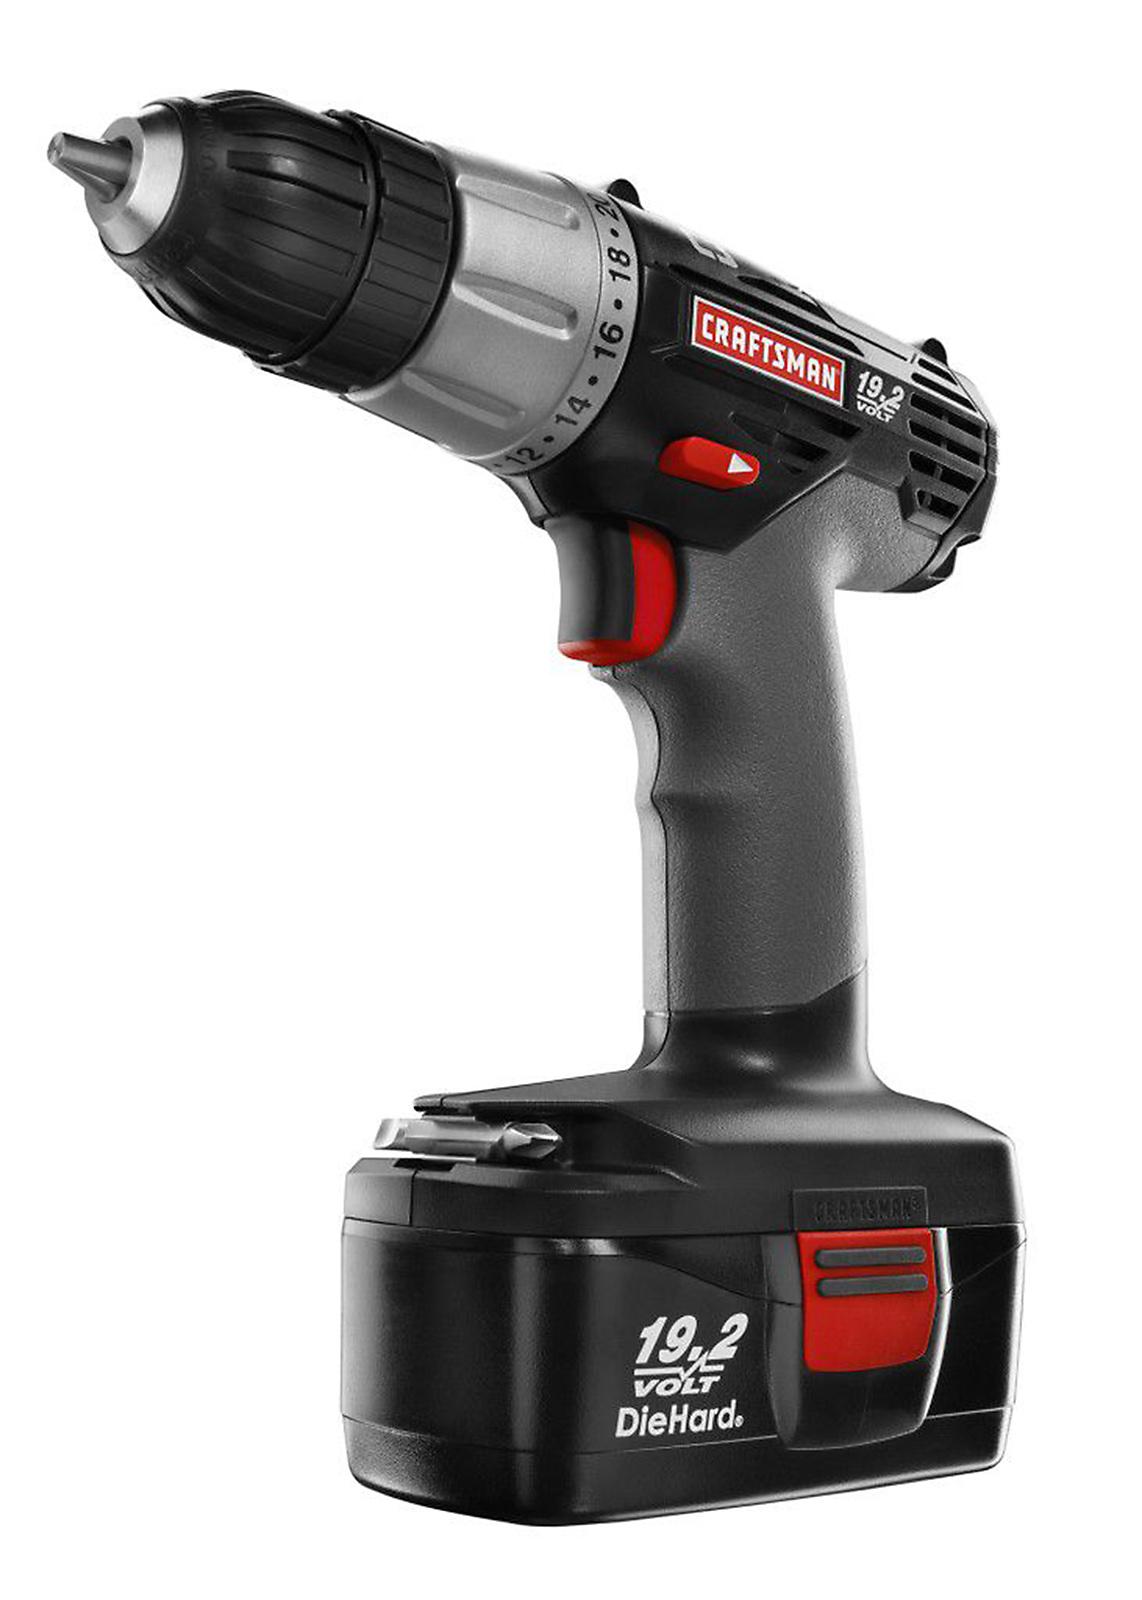 Craftsman 17191 19.2-volt C3 Cordless Drill/Driver